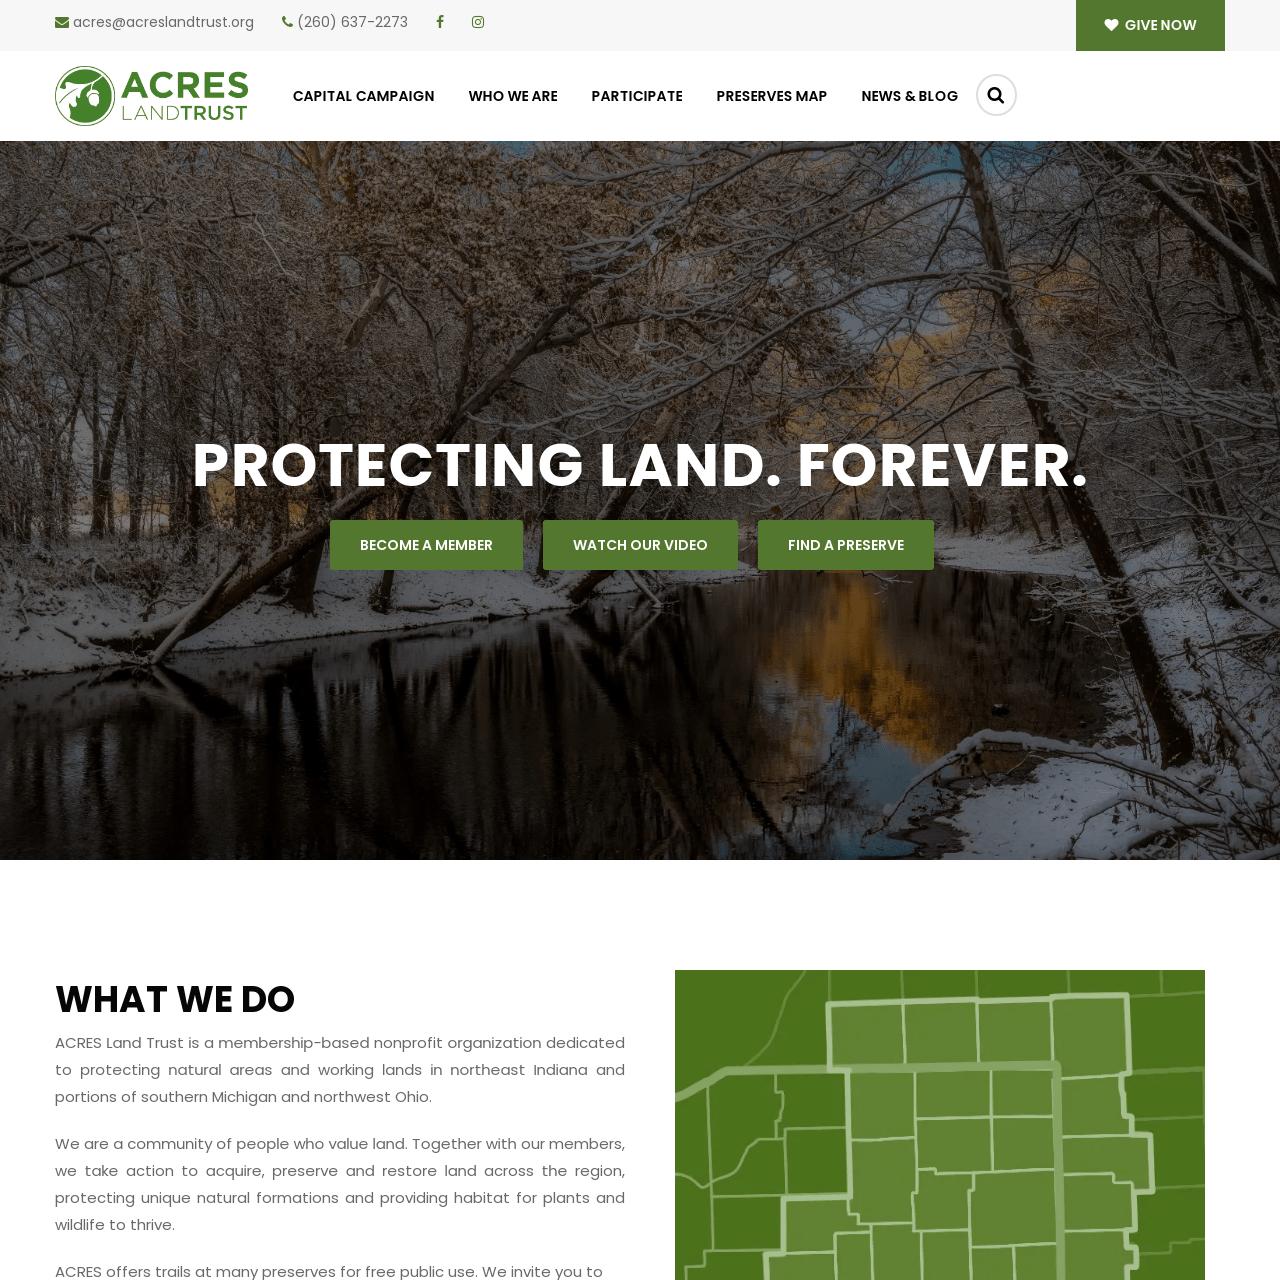 ACRES Land trust снимка на екрана